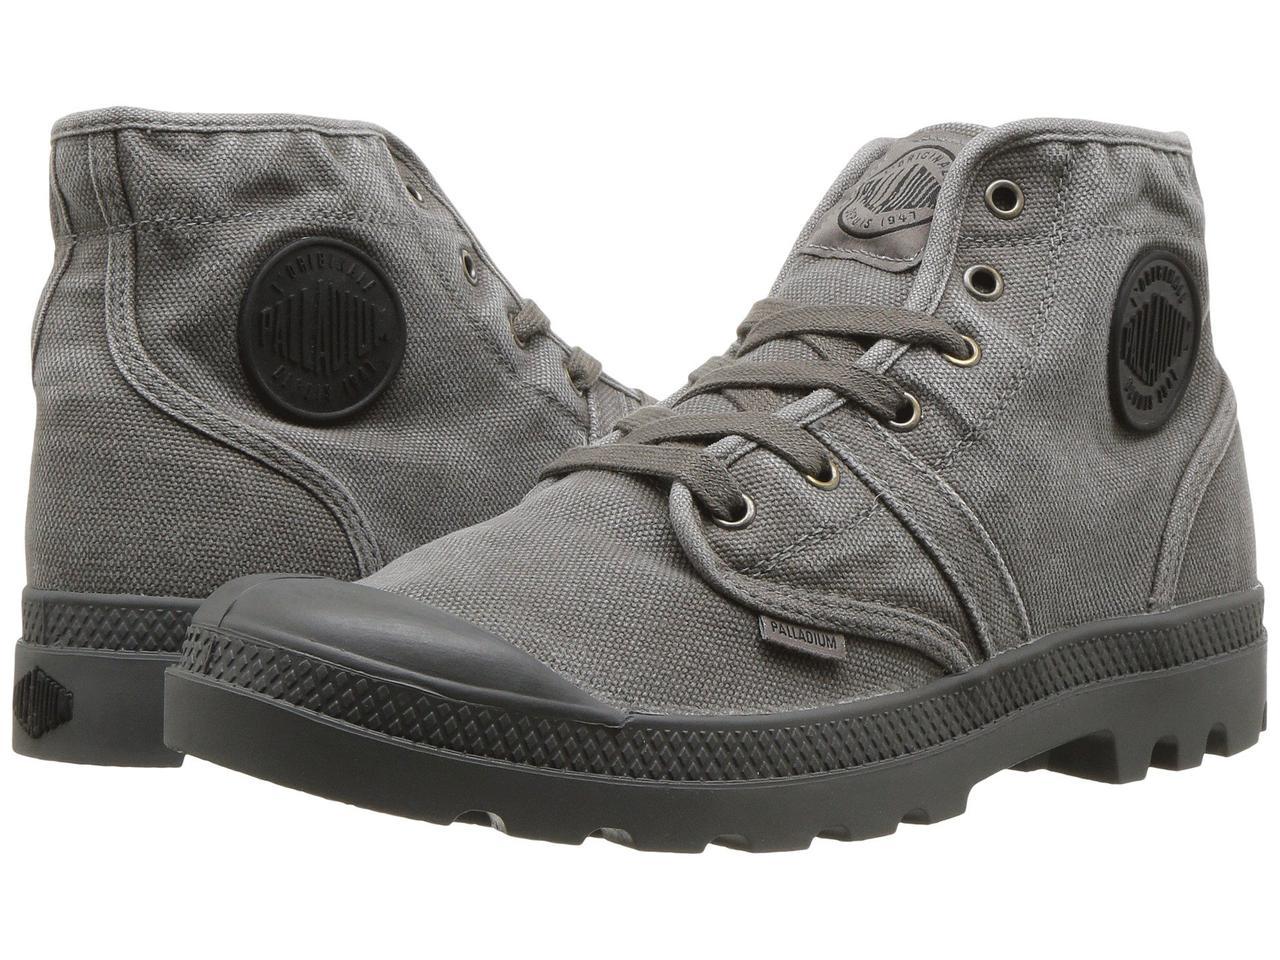 Ботинки Сапоги (Оригинал) Palladium Pallabrouse Metal Black  продажа ... 30954ecebcb7a